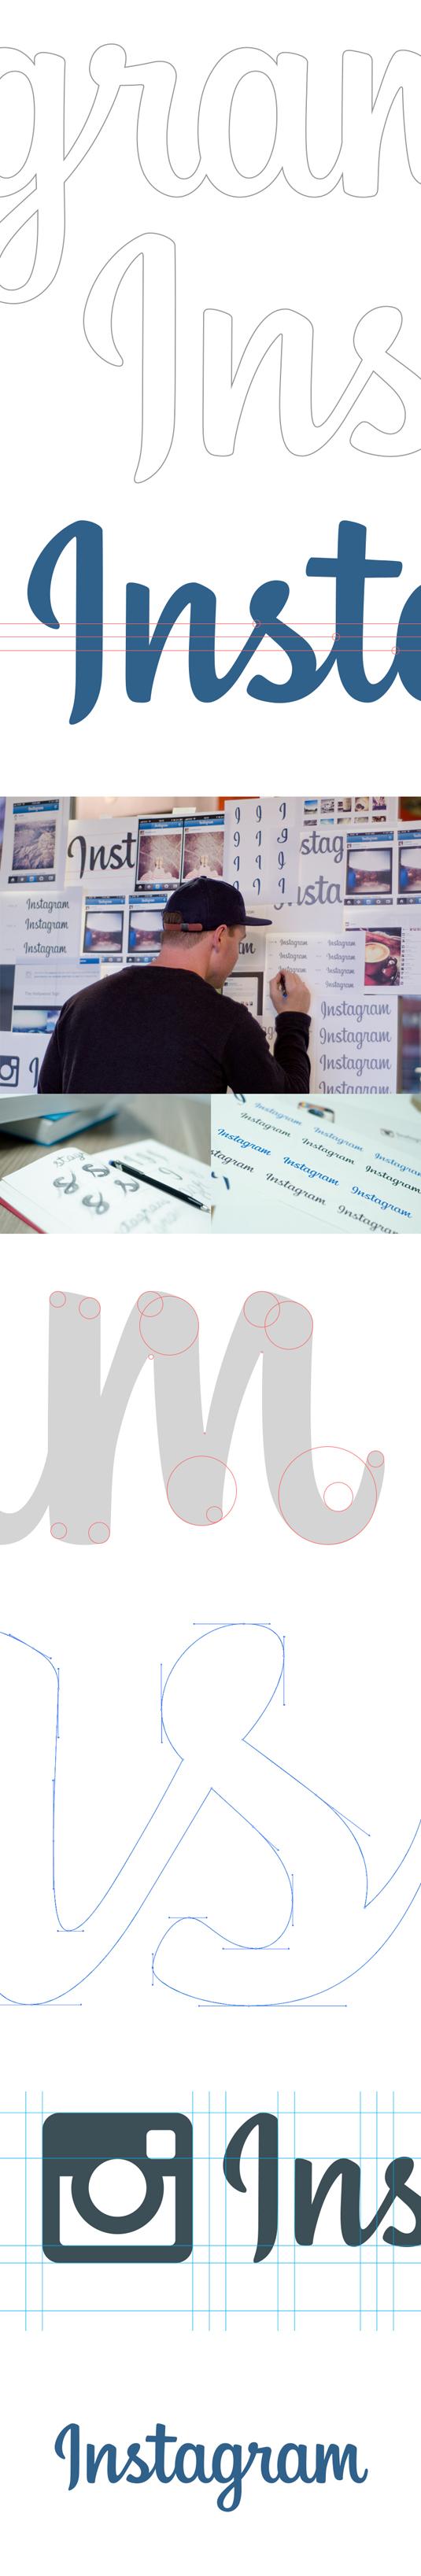 proceso diseño logo instagram